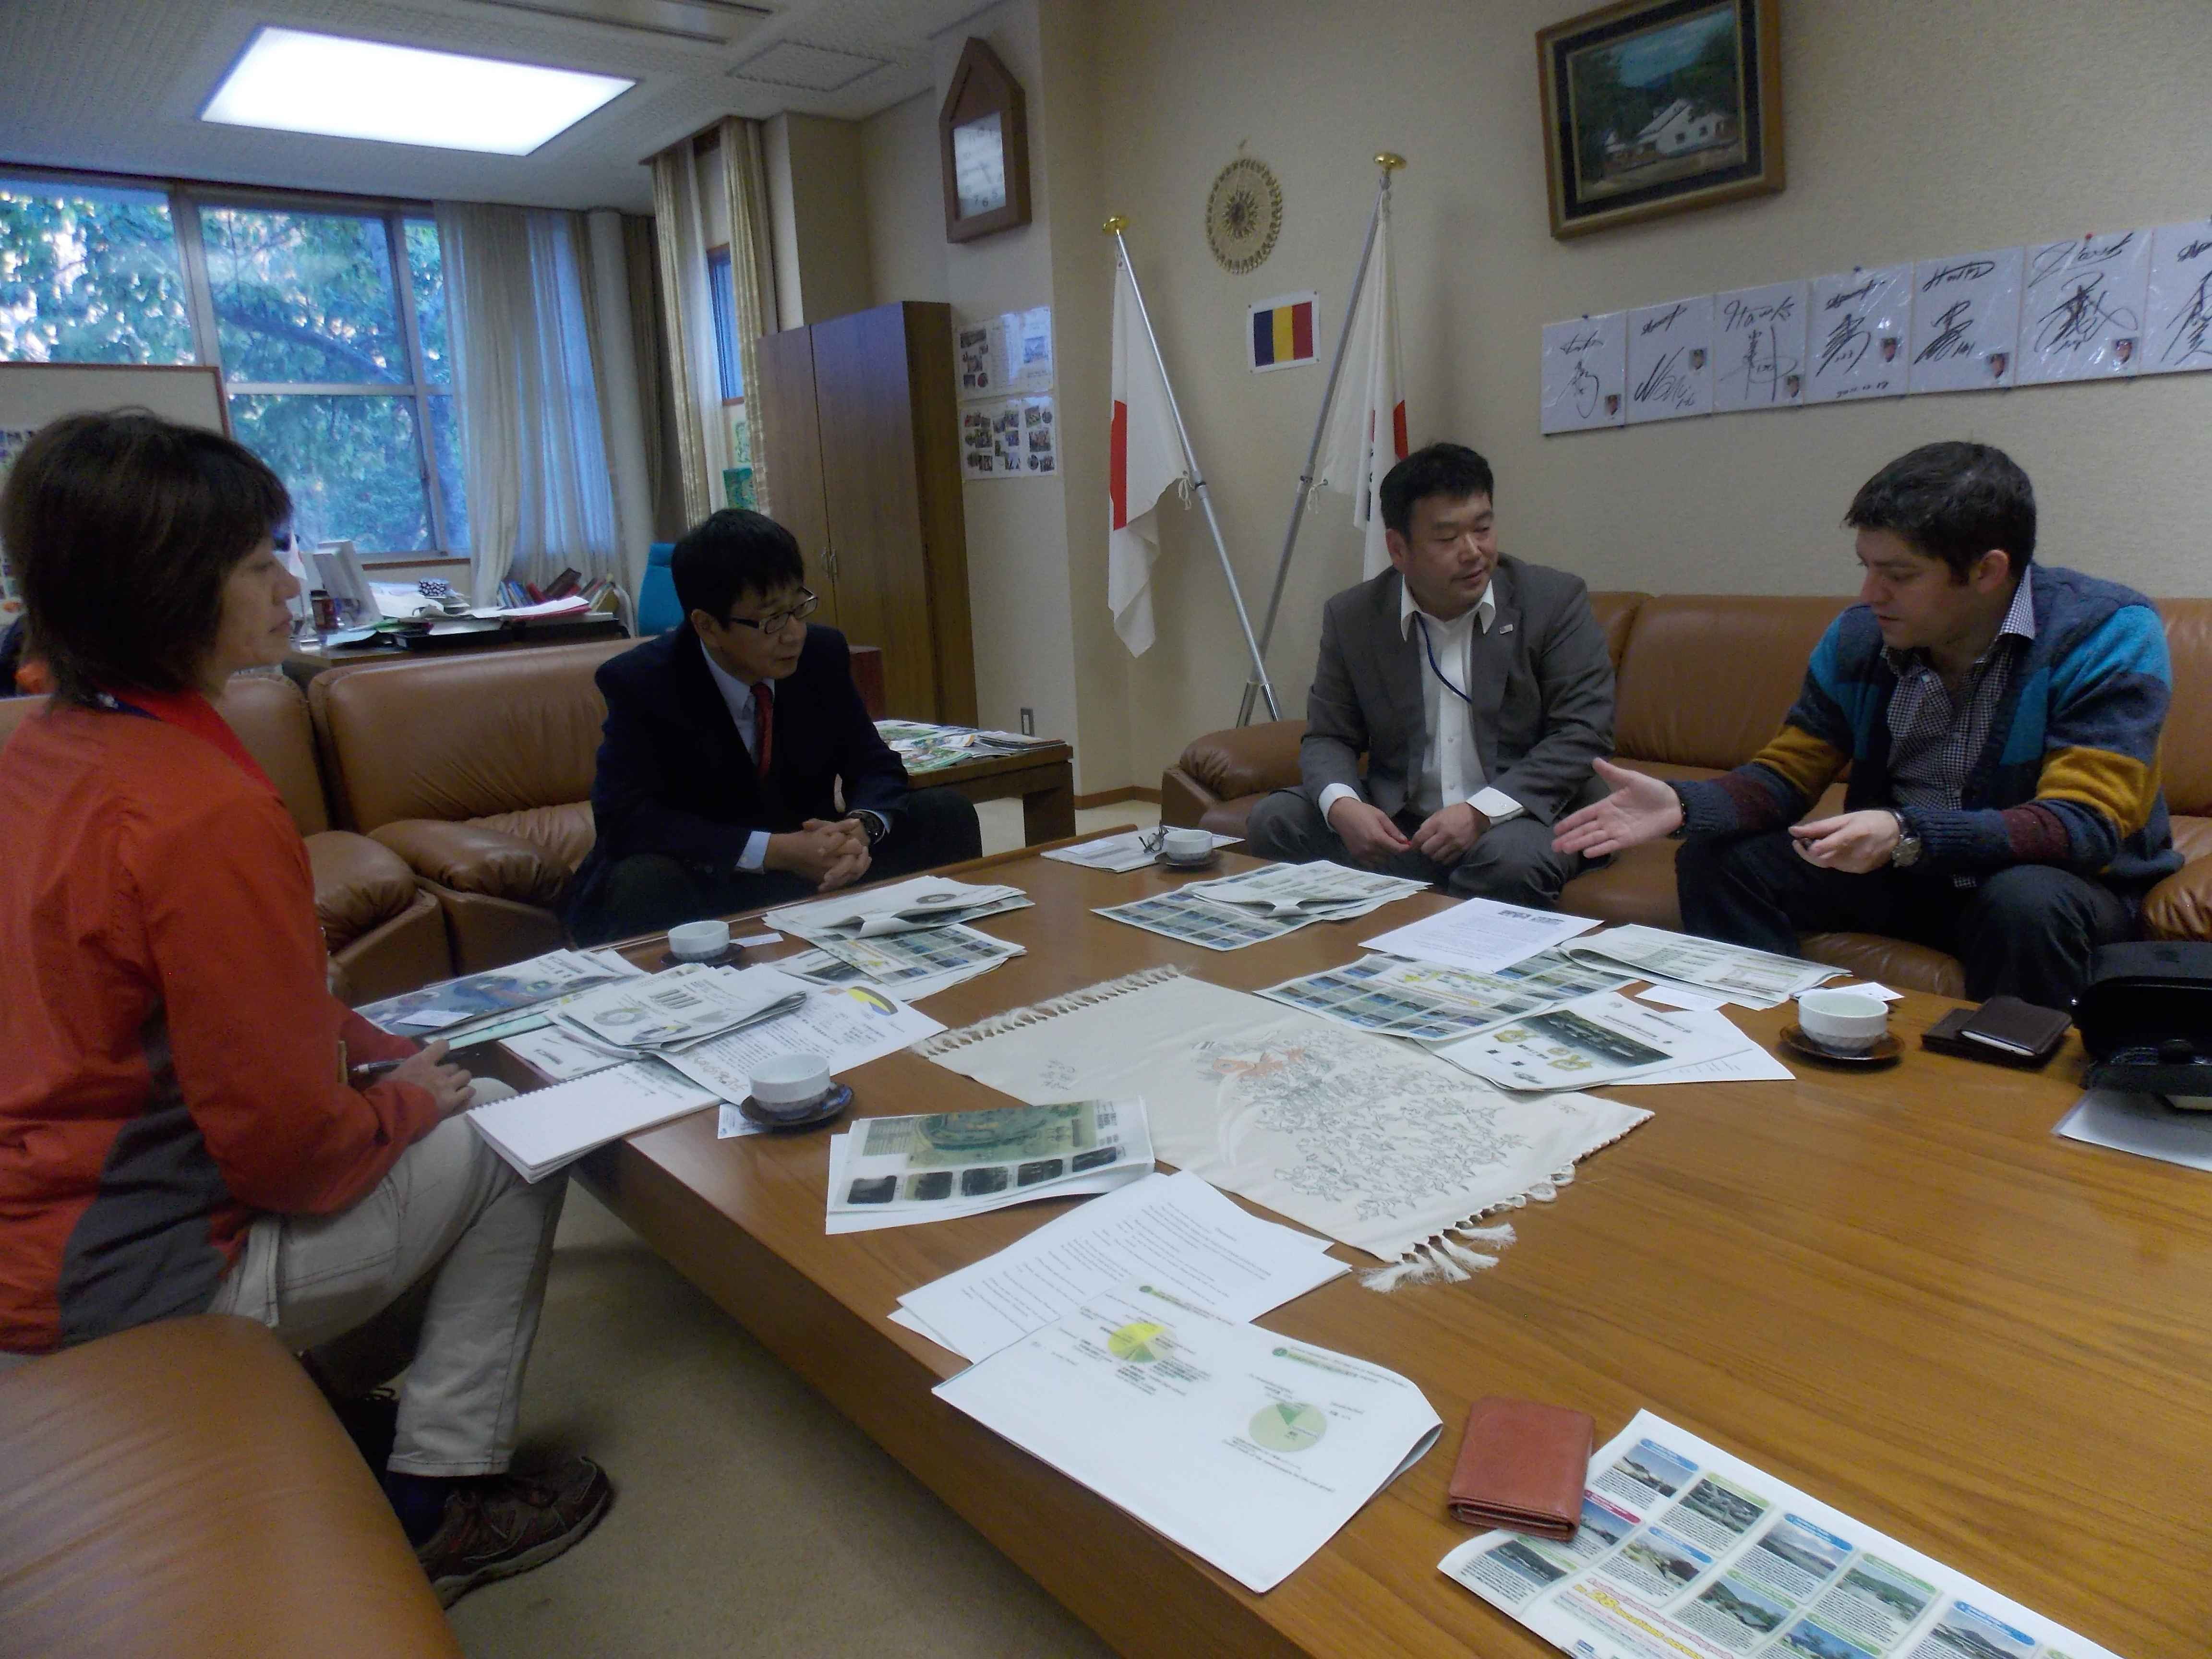 Intalnire cu directorul Centrului de +«nv¦â+úare +«n aer liber pentru tineret Yamaguchi Tokuji